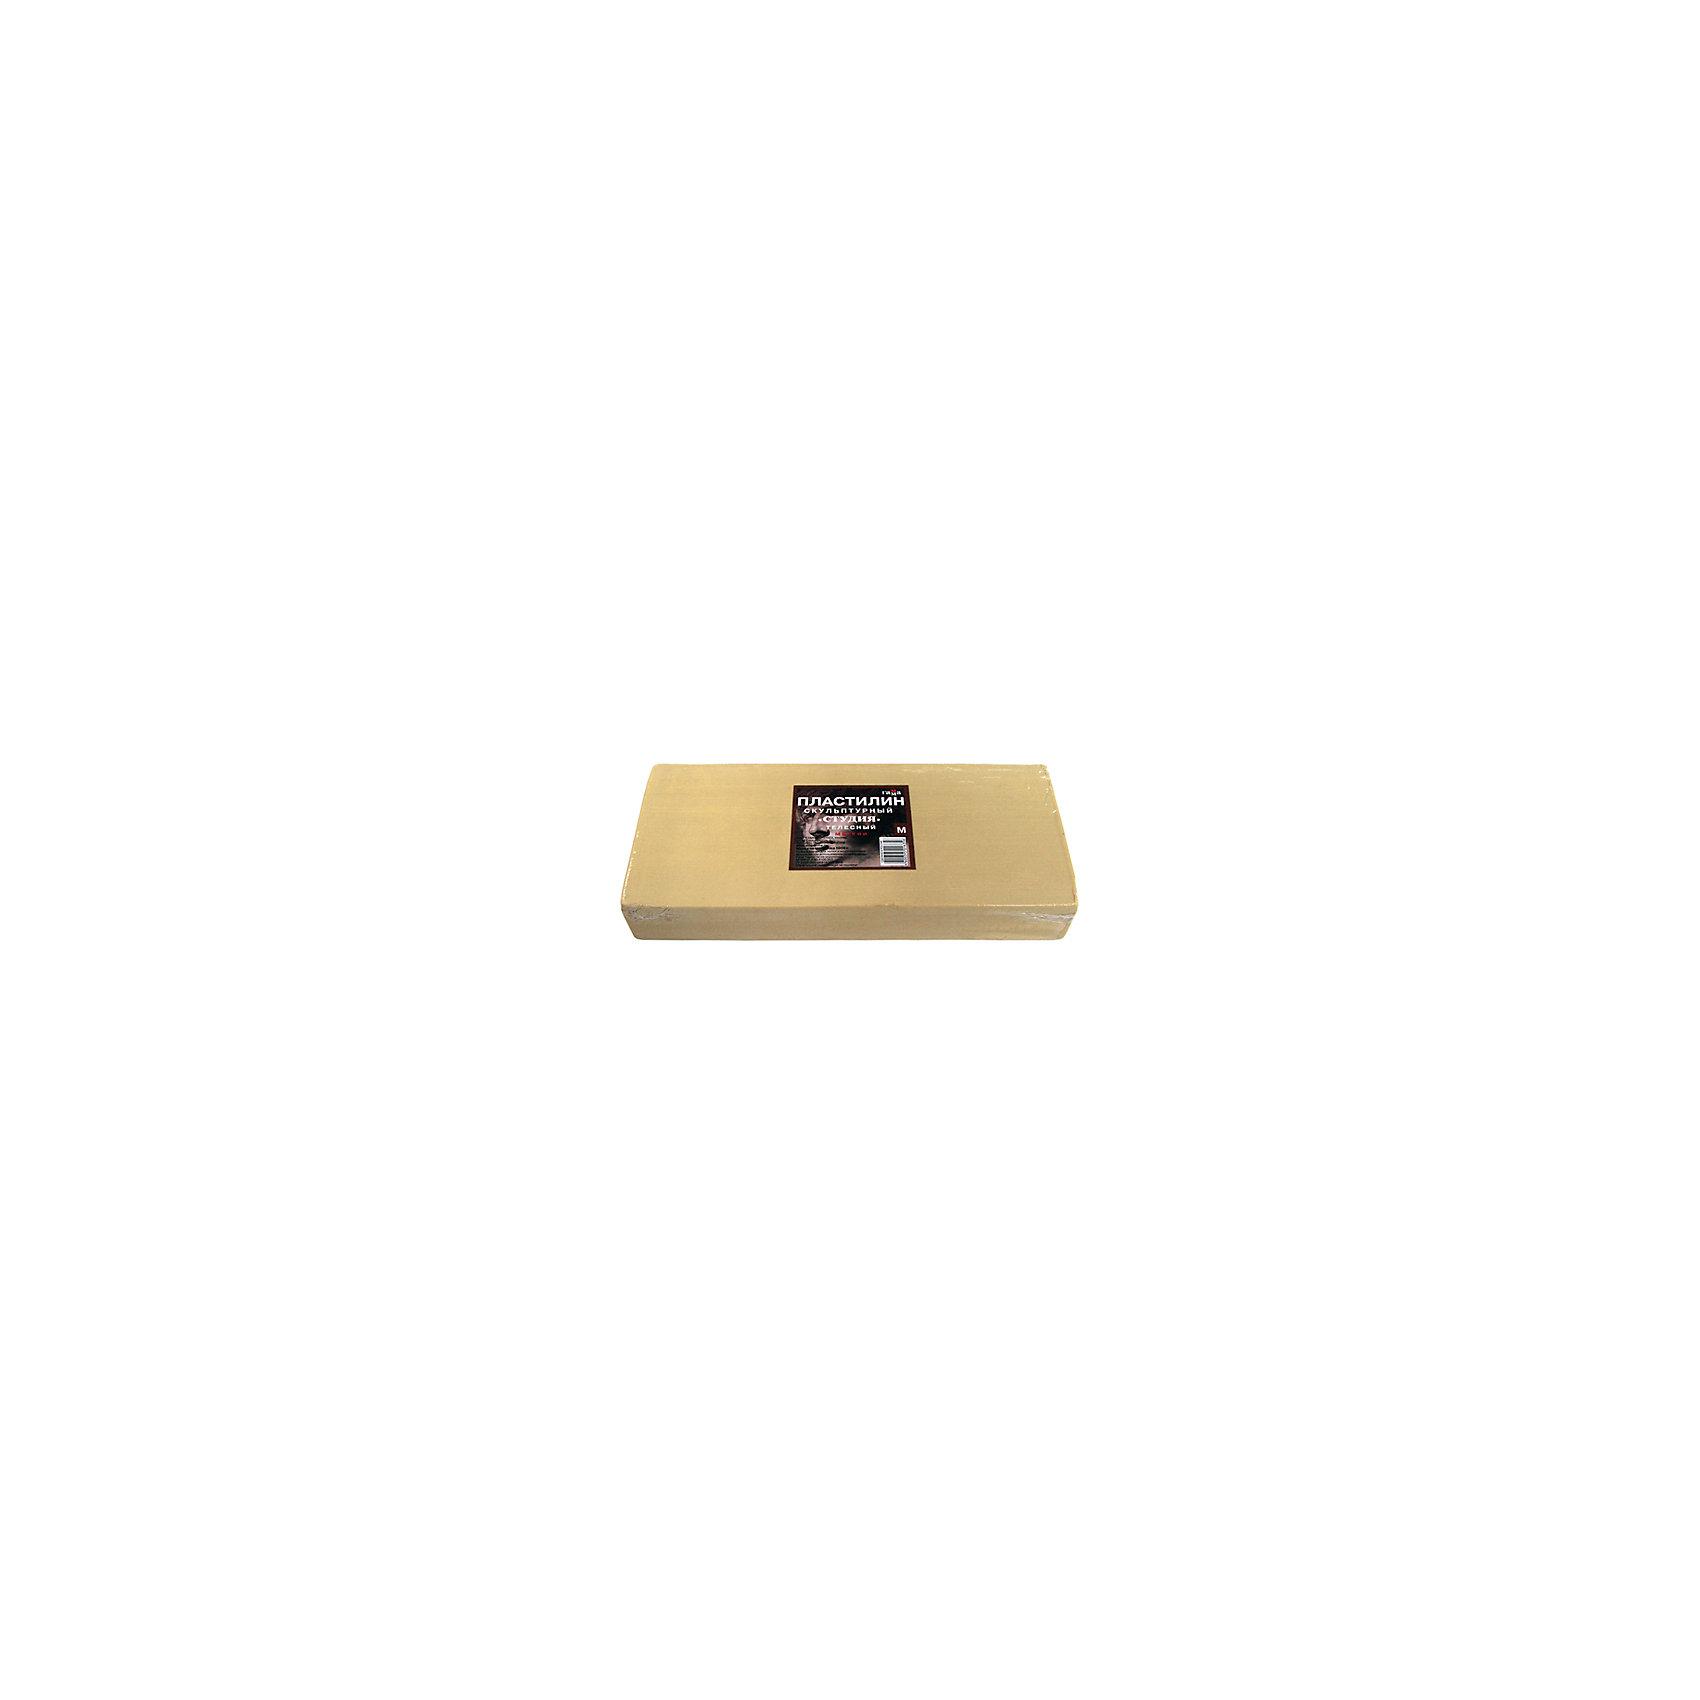 Пластилин скульптурный ТЕЛЕСНЫЙ М 1кг ГаммаРисование и лепка<br>Характеристики:<br><br>• возраст: от 7 лет<br>• цвет: телесный<br>• мягкий<br>• вес: 1 кг.<br>• упаковка: пленка<br>• размер упаковки: 10х23х3 см.<br><br>Мягкий скульптурный пластилин предназначен для любительских и профессиональных скульптурных работ. Особо эластичный, он позволяет создавать небольшие предметы, в которых требуется очень тонкая и четкая проработка формы.<br><br>Пластилин изготовлен из воскообразной массы с добавлением минеральных пигментов и наполнителей. Устойчив к температурным изменениям.<br><br>Пластилин скульптурный ТЕЛЕСНЫЙ М 1кг Гамма можно купить в нашем интернет-магазине.<br><br>Ширина мм: 240<br>Глубина мм: 120<br>Высота мм: 40<br>Вес г: 1010<br>Возраст от месяцев: 84<br>Возраст до месяцев: 2147483647<br>Пол: Унисекс<br>Возраст: Детский<br>SKU: 7010511